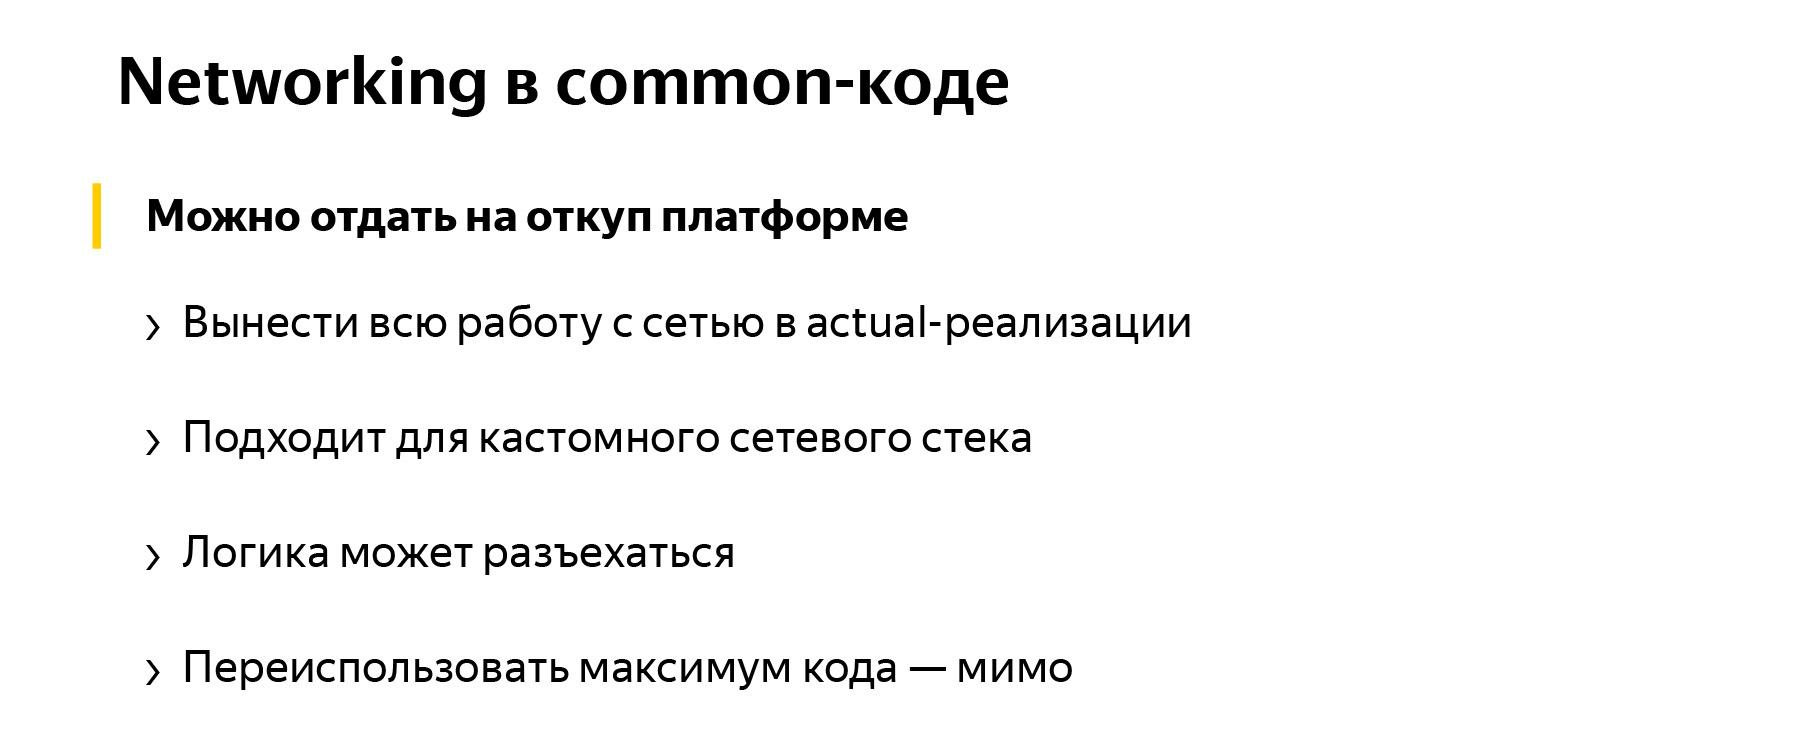 v-_obt4mzlkm4cis6vkpt1-jj8u.jpeg